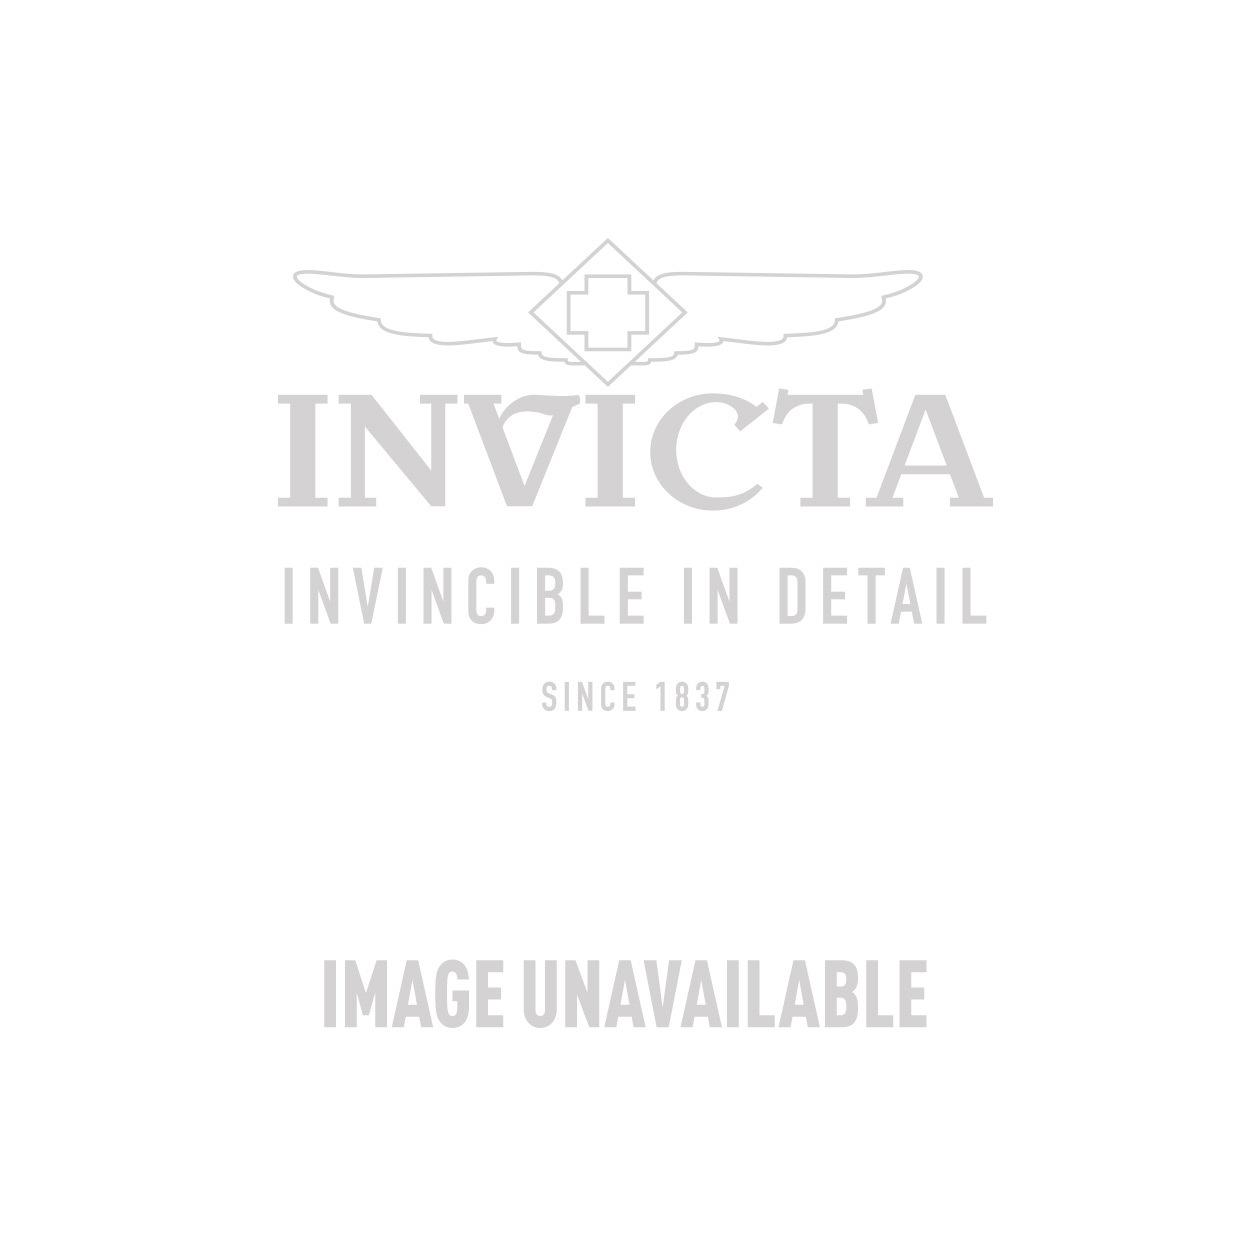 Invicta Model 25077